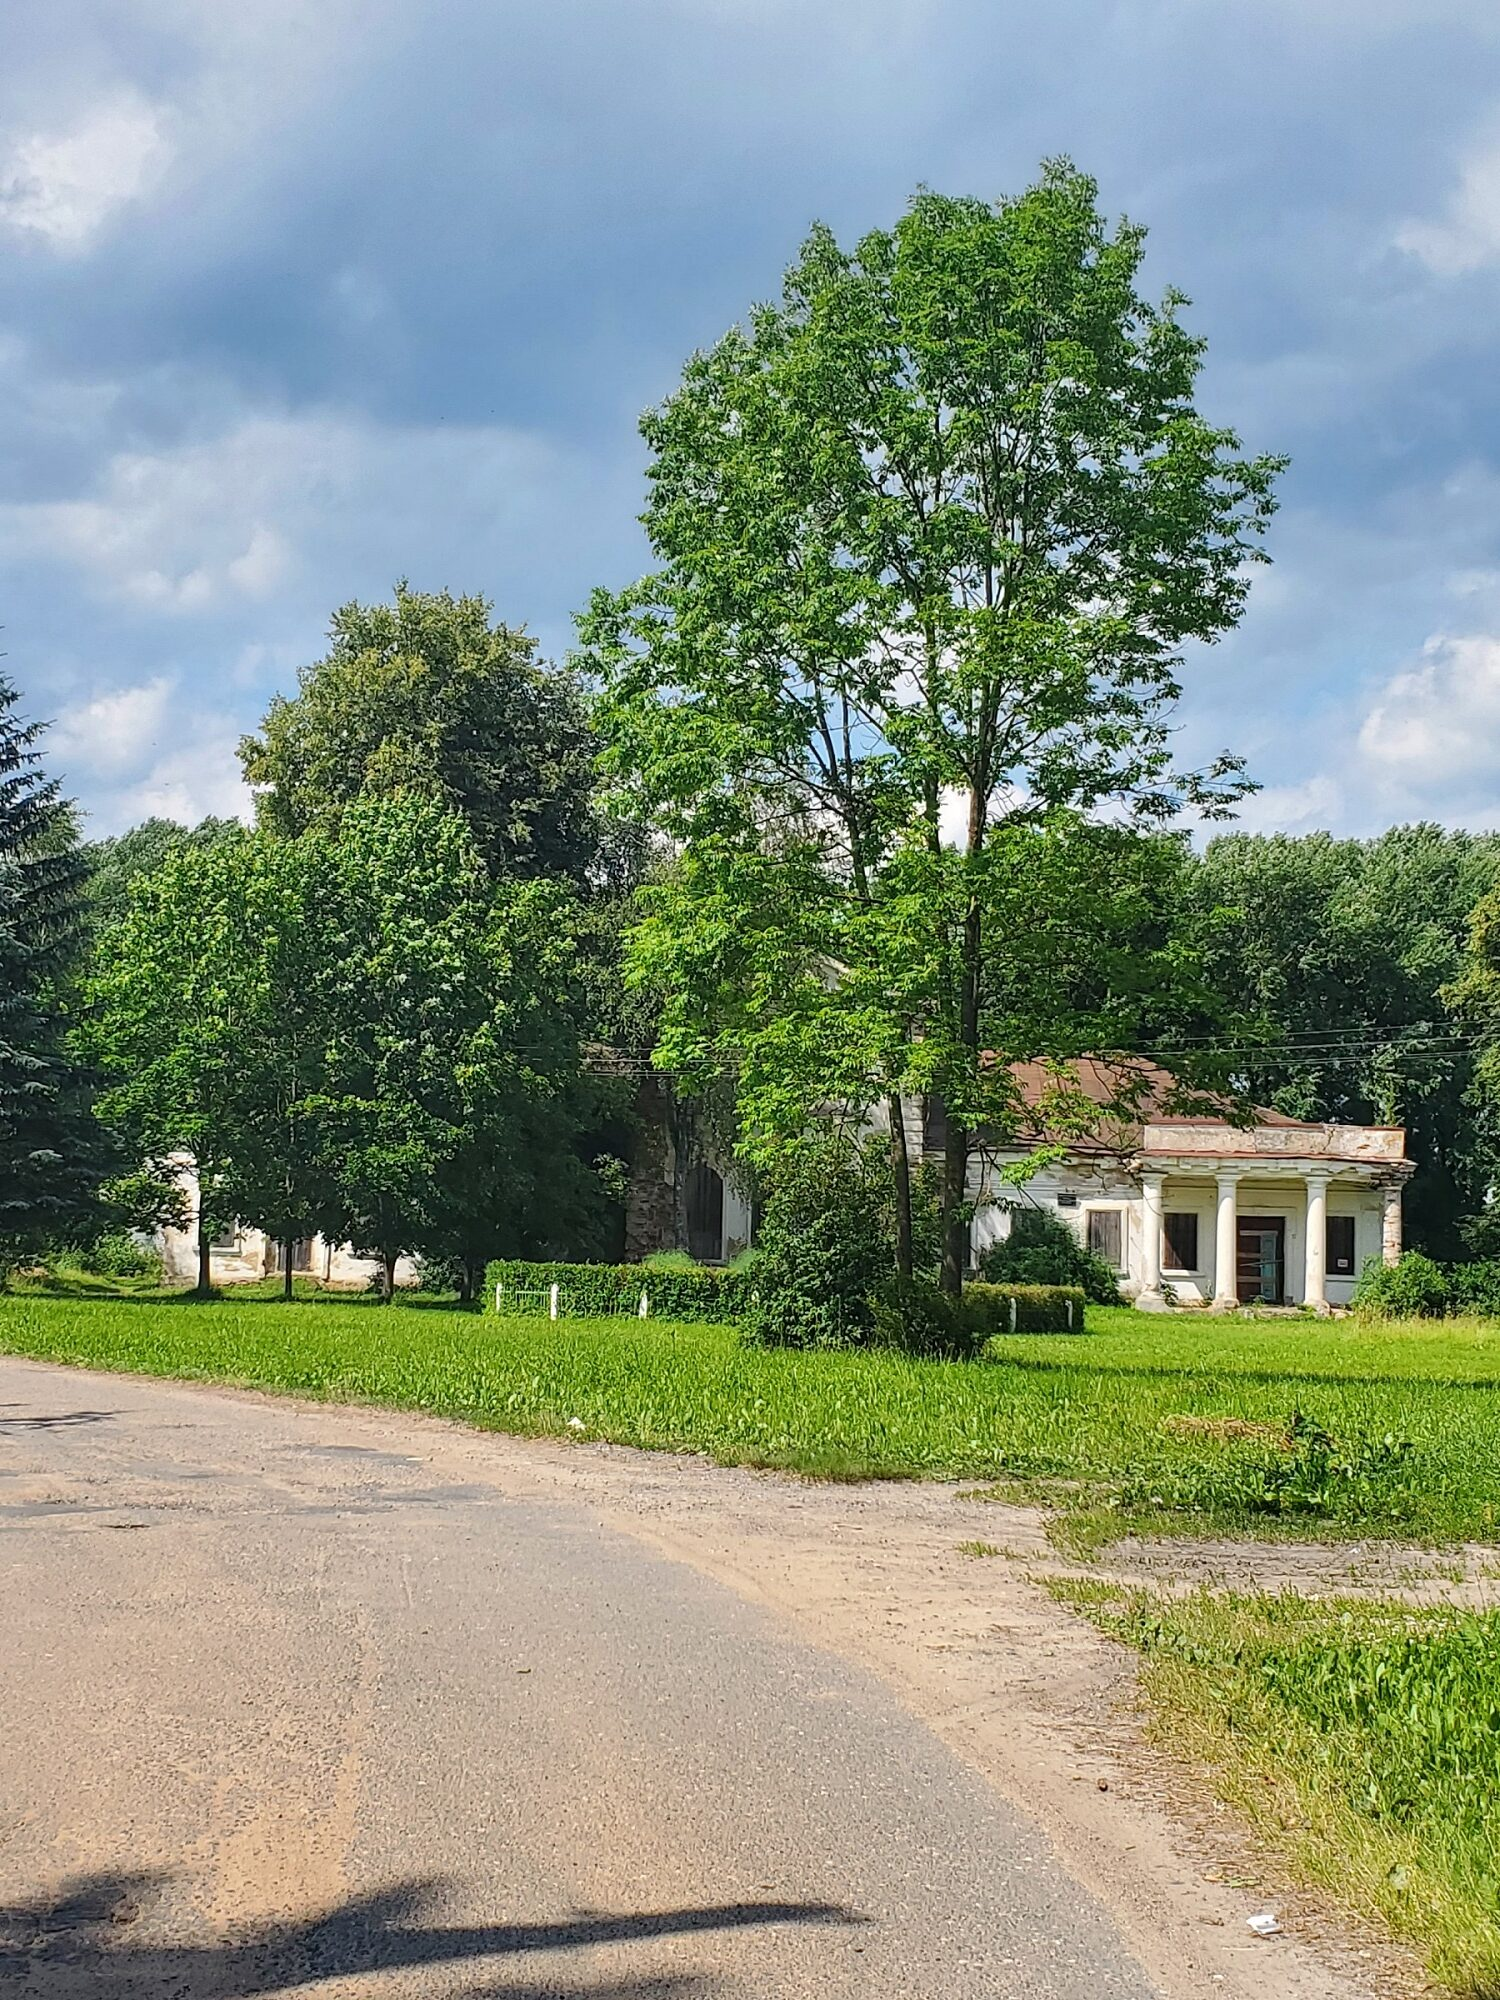 20200705 143909 rotated - Церковь Святой Параскевы Пятницы и усадьба Гребницких в Ореховно